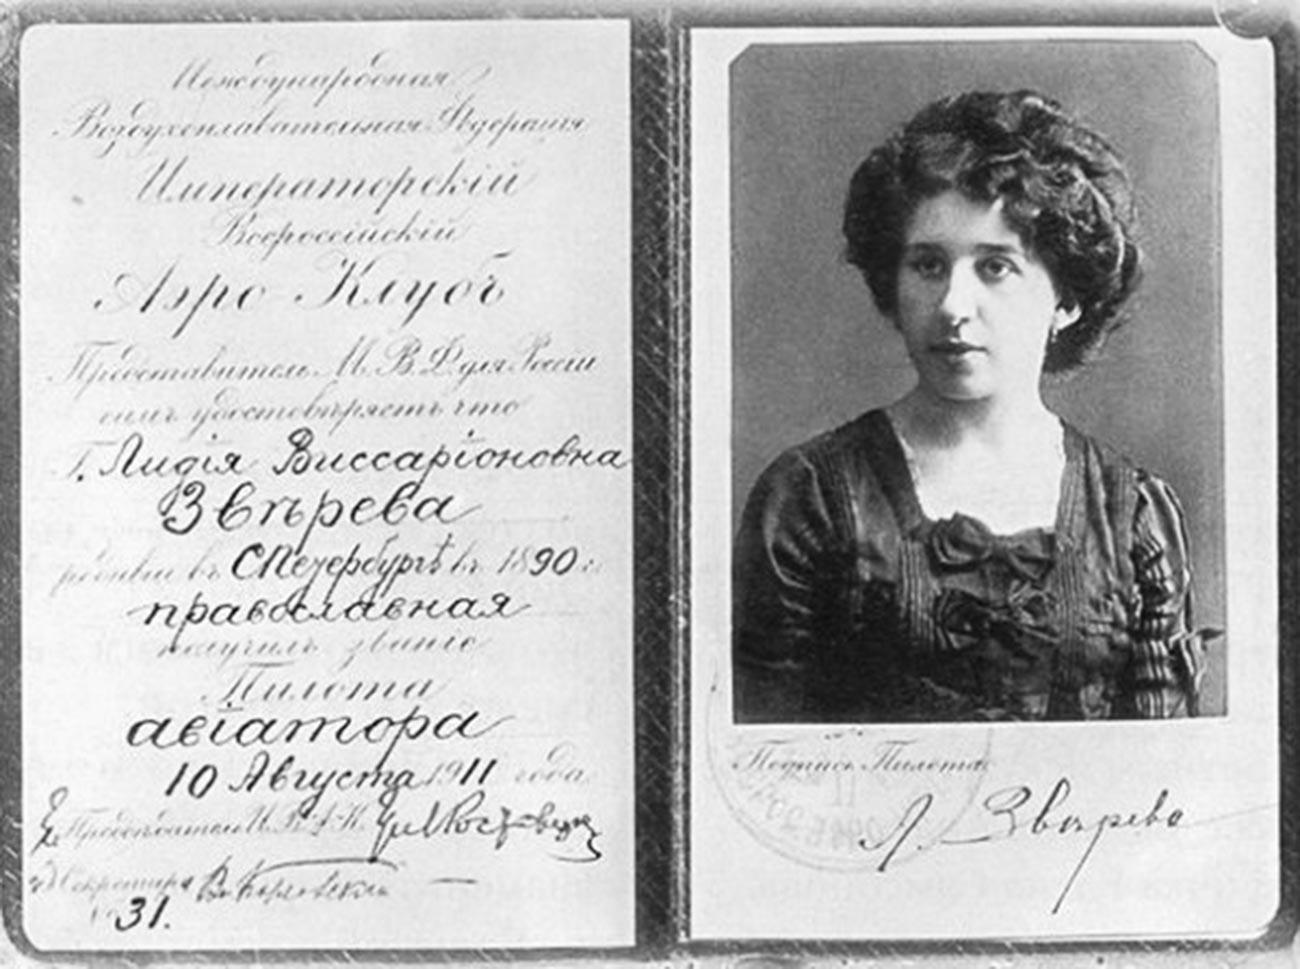 Zvereva's pilot-aviator certificate No 31.